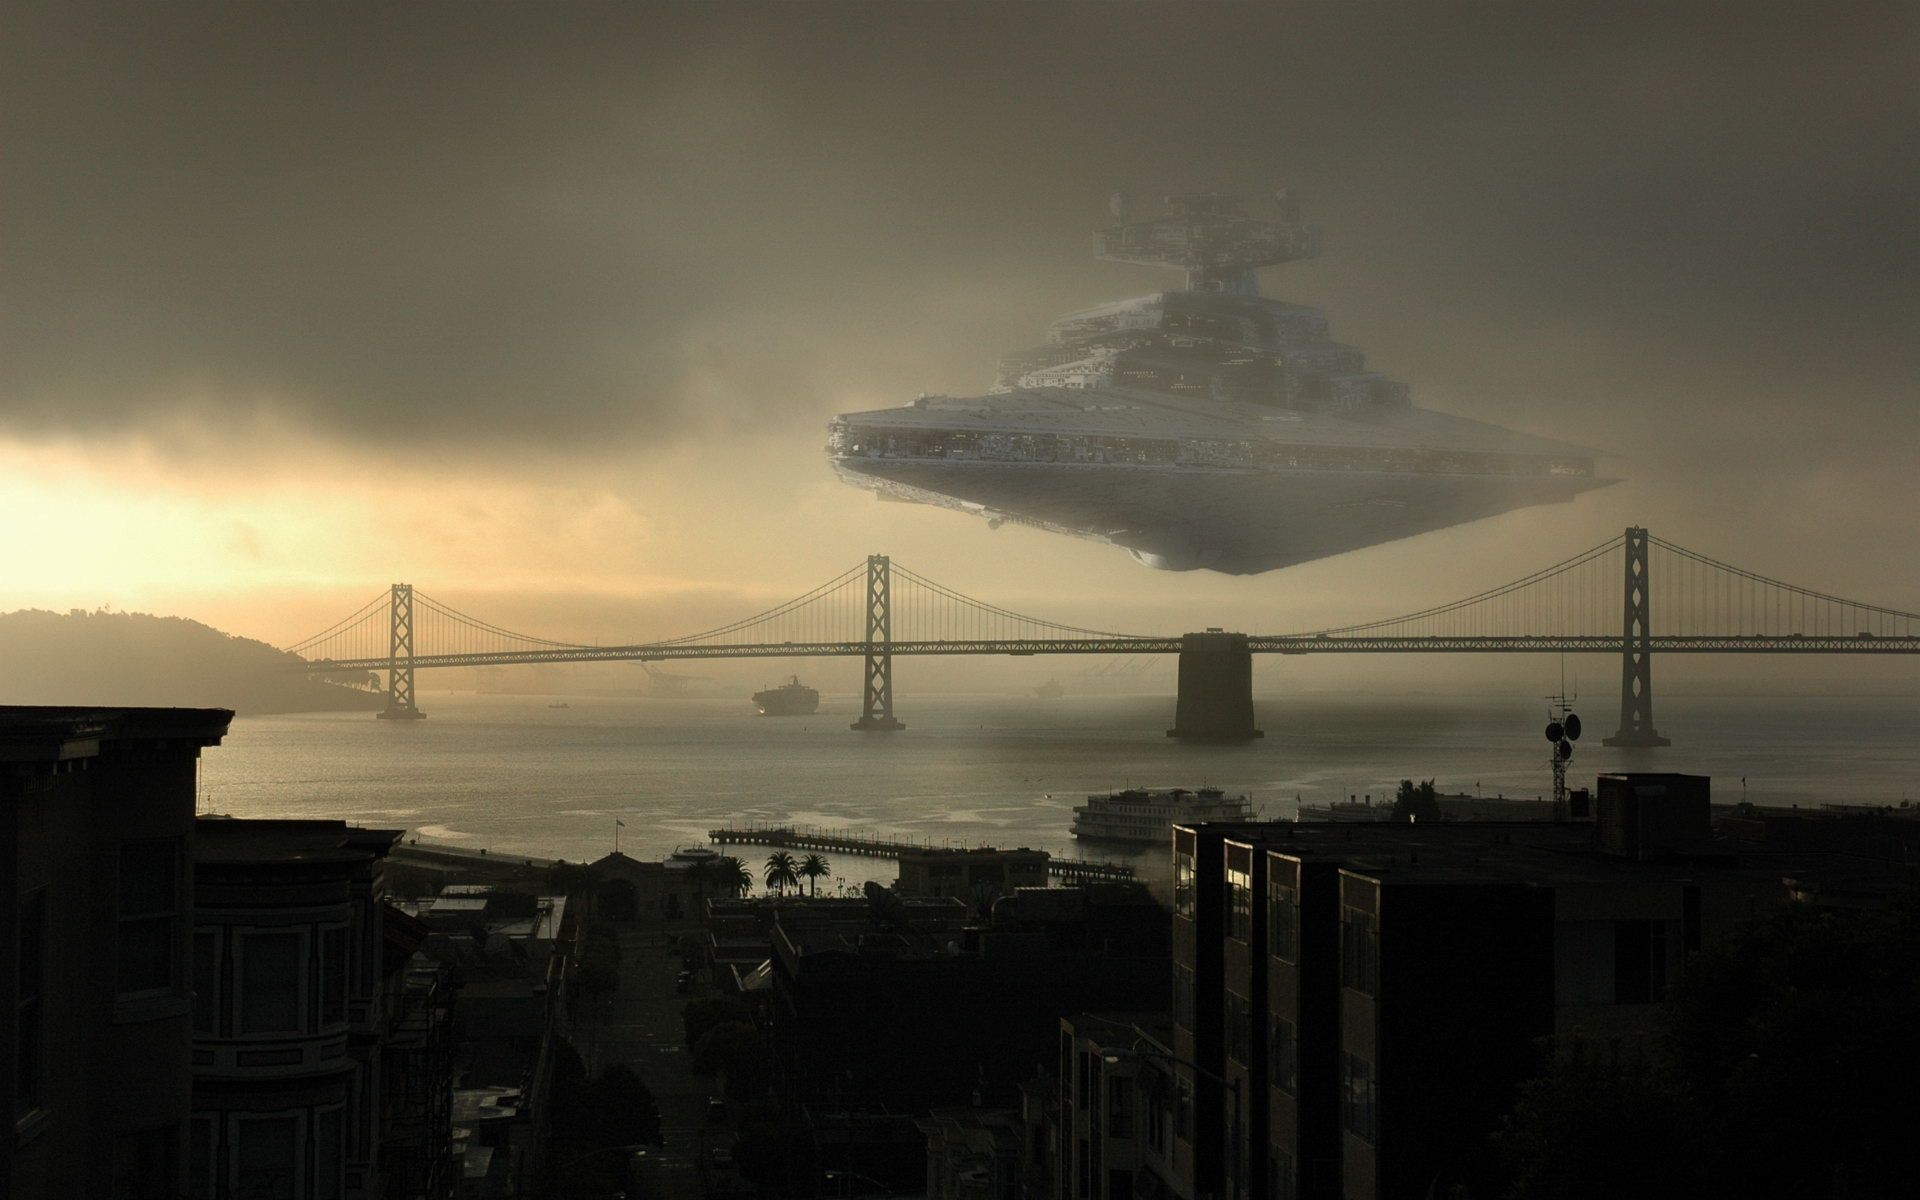 Star Destroyer San Francisco, star wars, imperial, HD .